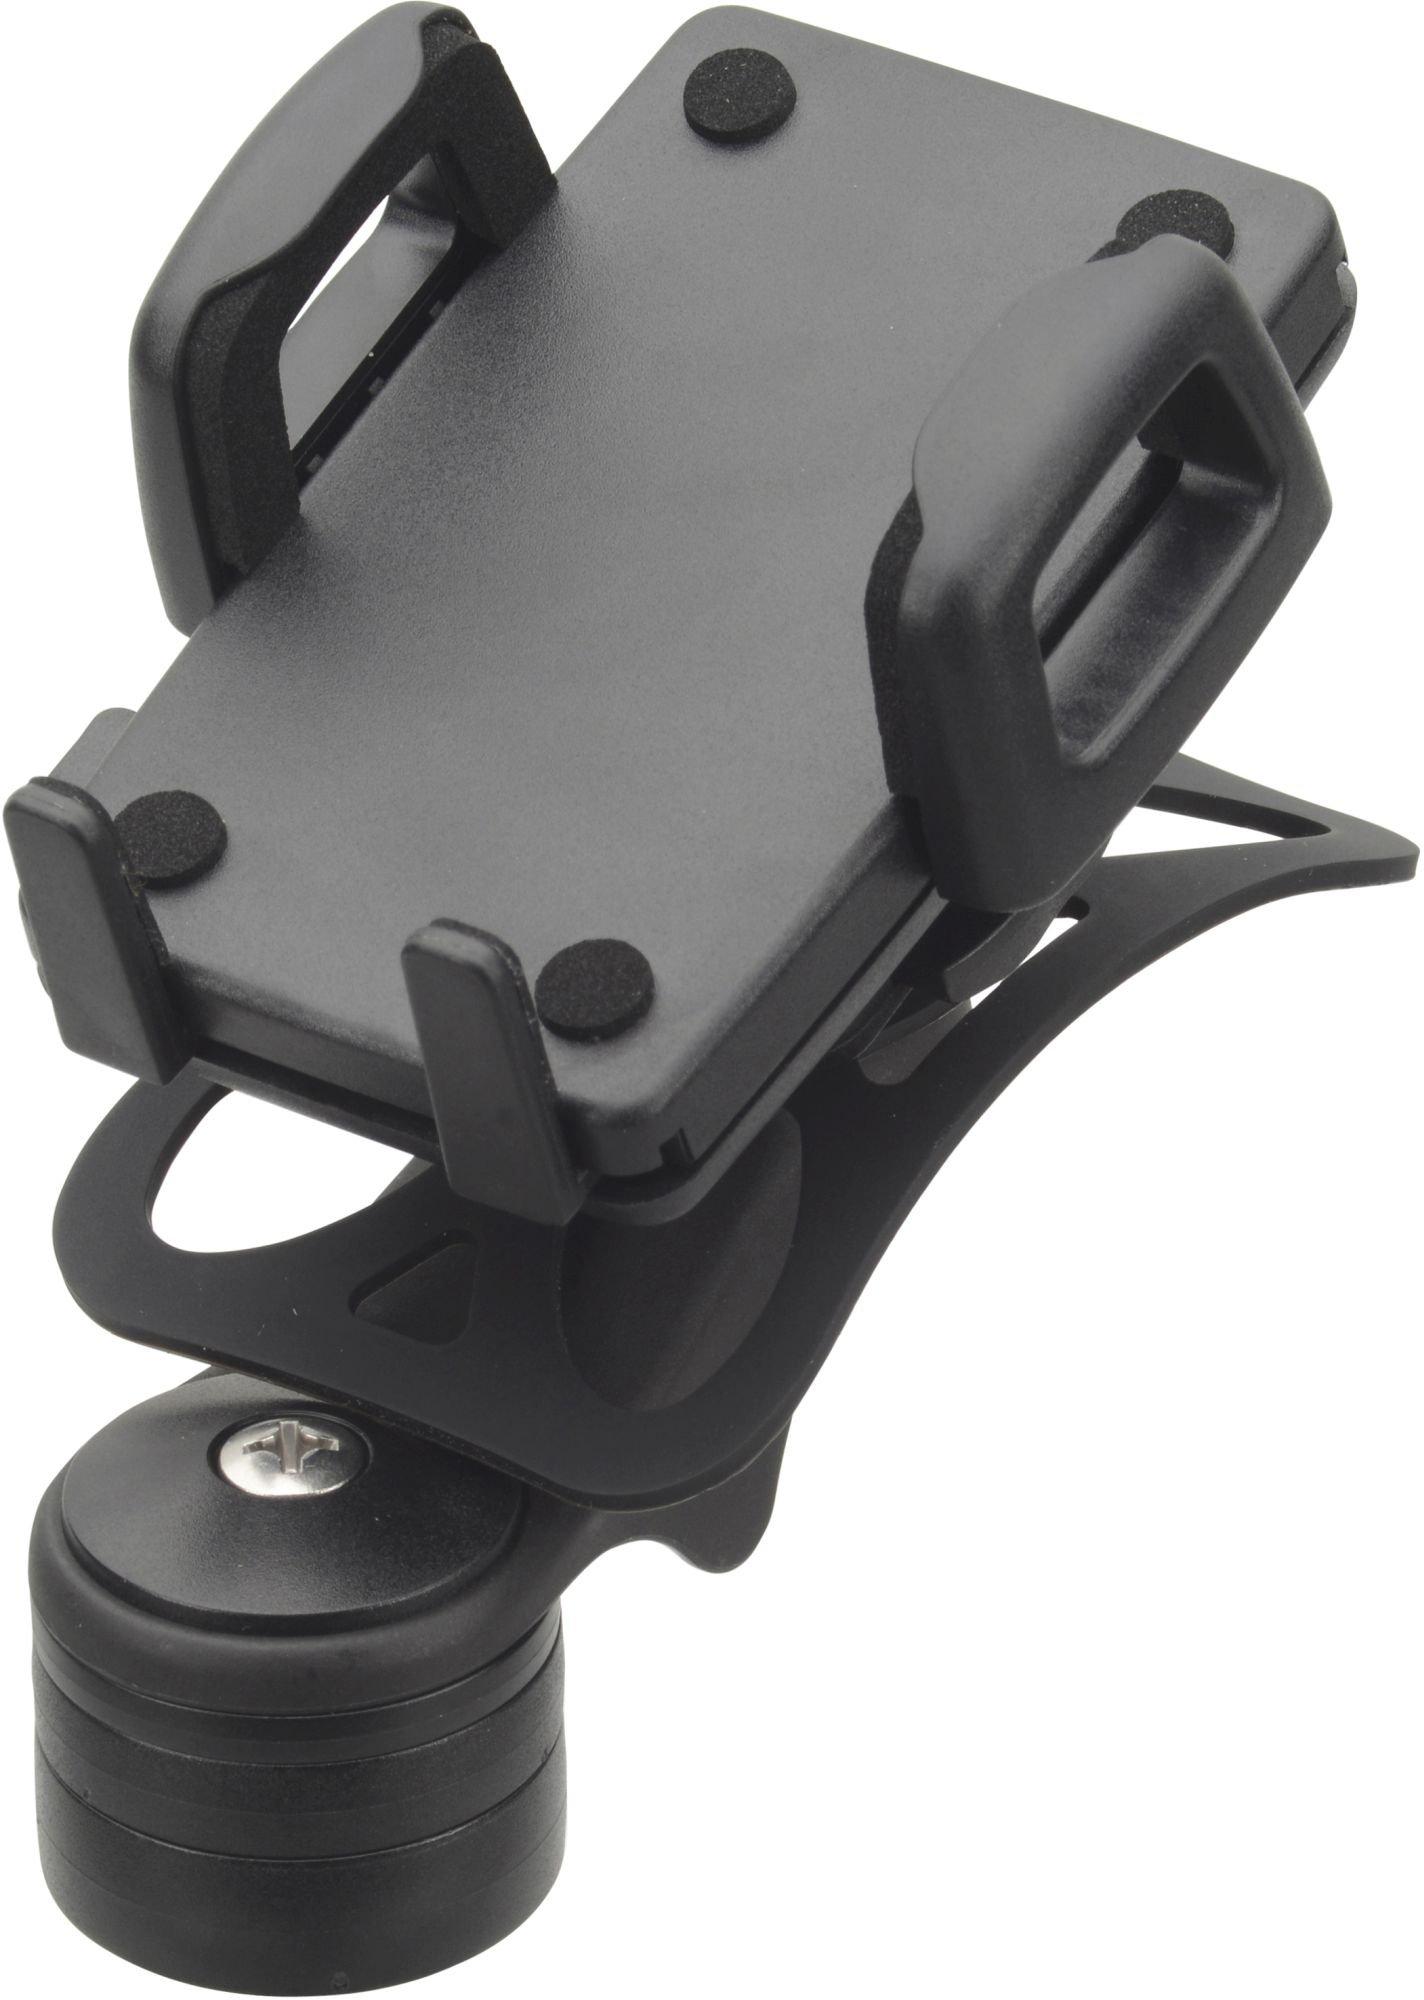 ergotec Smartphone-Halterung 56 bis 85mm Smartphone-Halterung  A-Head